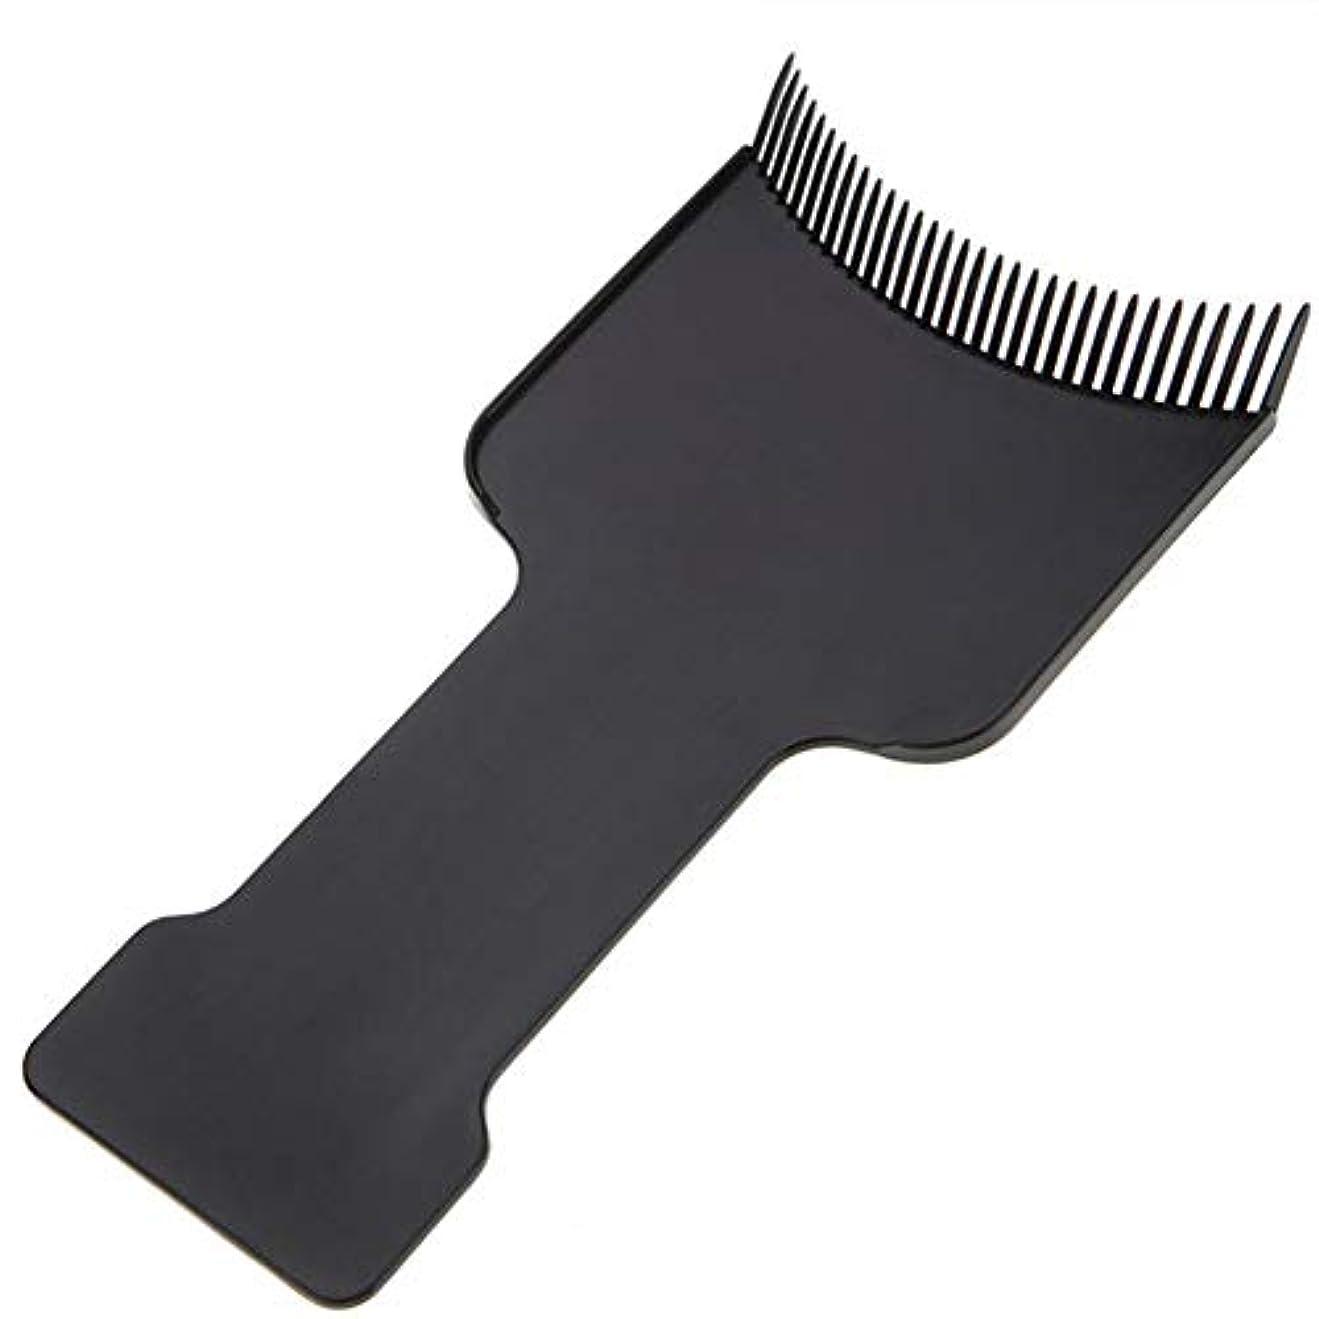 不透明な無許可なのでSILUN 理髪ヘアカラーボード 理髪サロン髪 着色染色ボードヘアトリートメントケアピックカラーボードコーム理髪ツール プロフェッショナルブラックヘアブラシボード理髪美容ツール